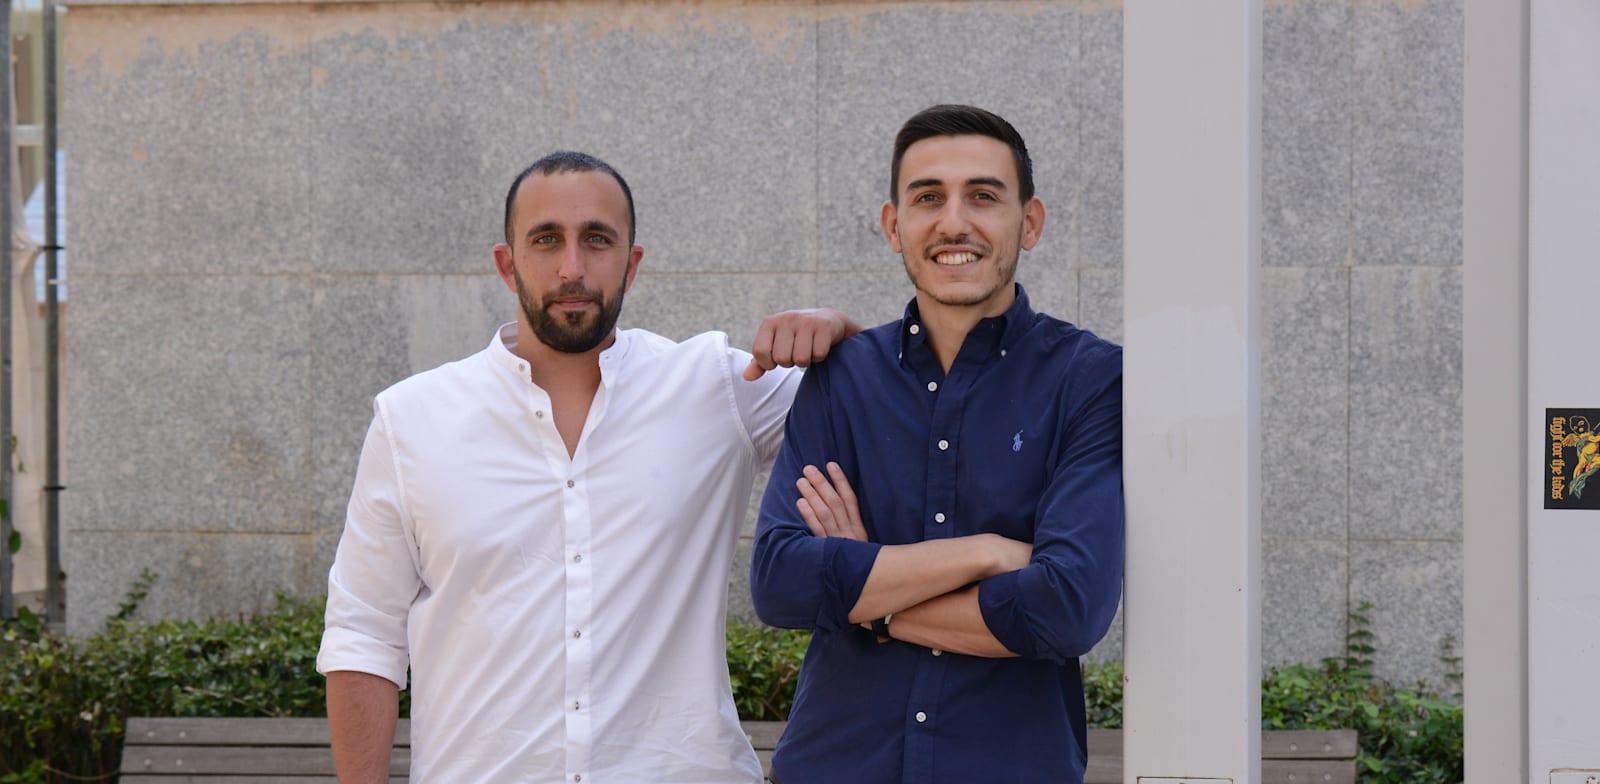 יובל עבדי ואושר אמסלם סטודנטים שהובילו מחאה של רואי שחשבון / צילום: איל יצהר